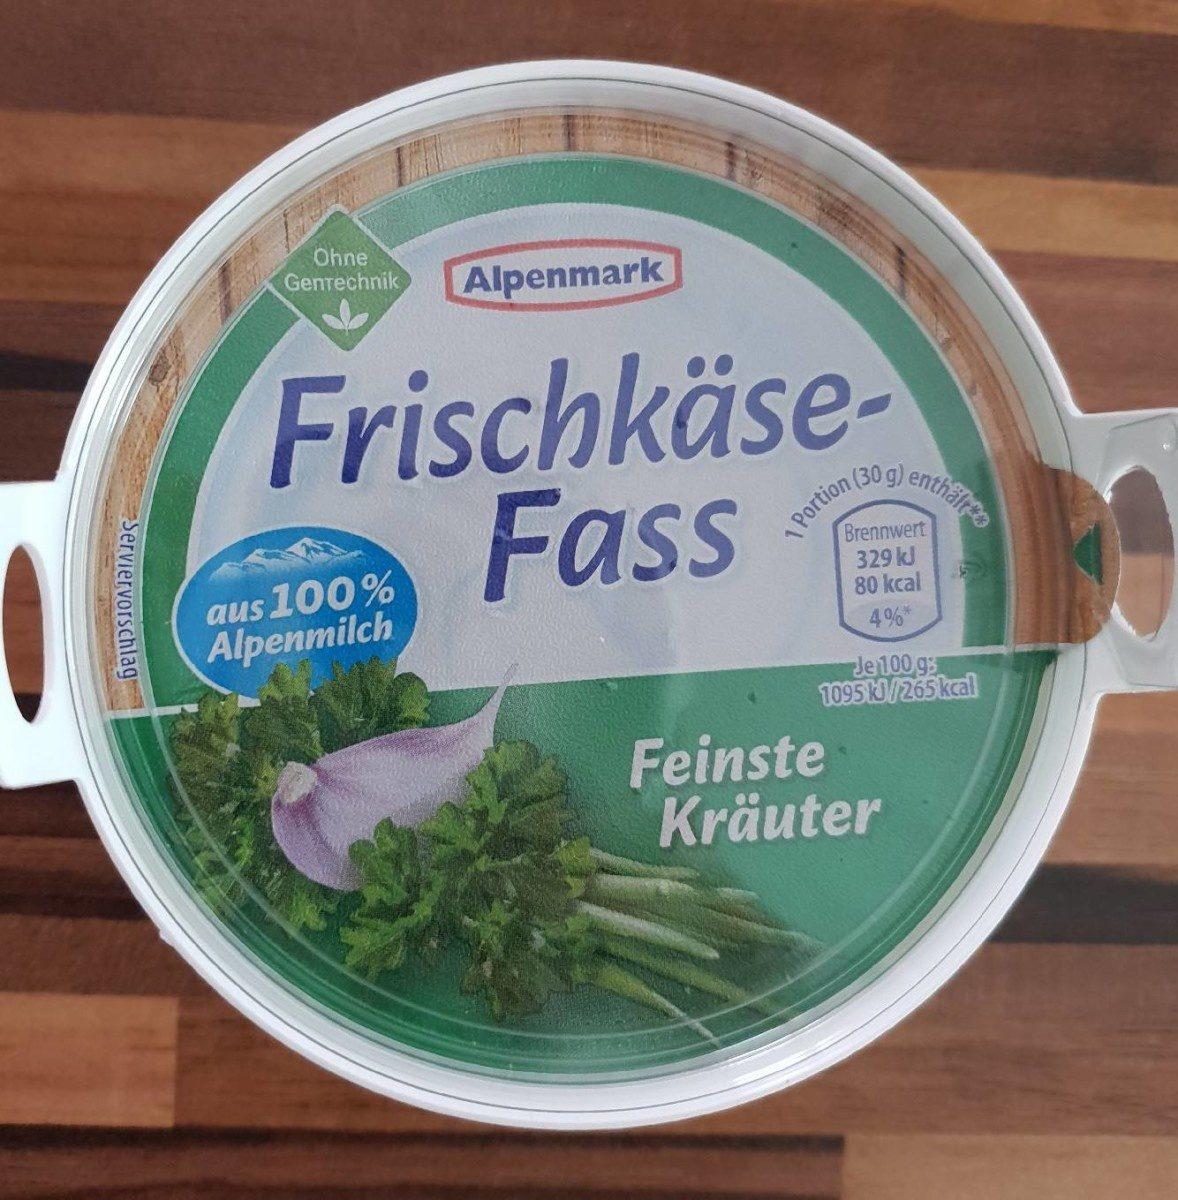 Frischkäse-fass - Product - fr